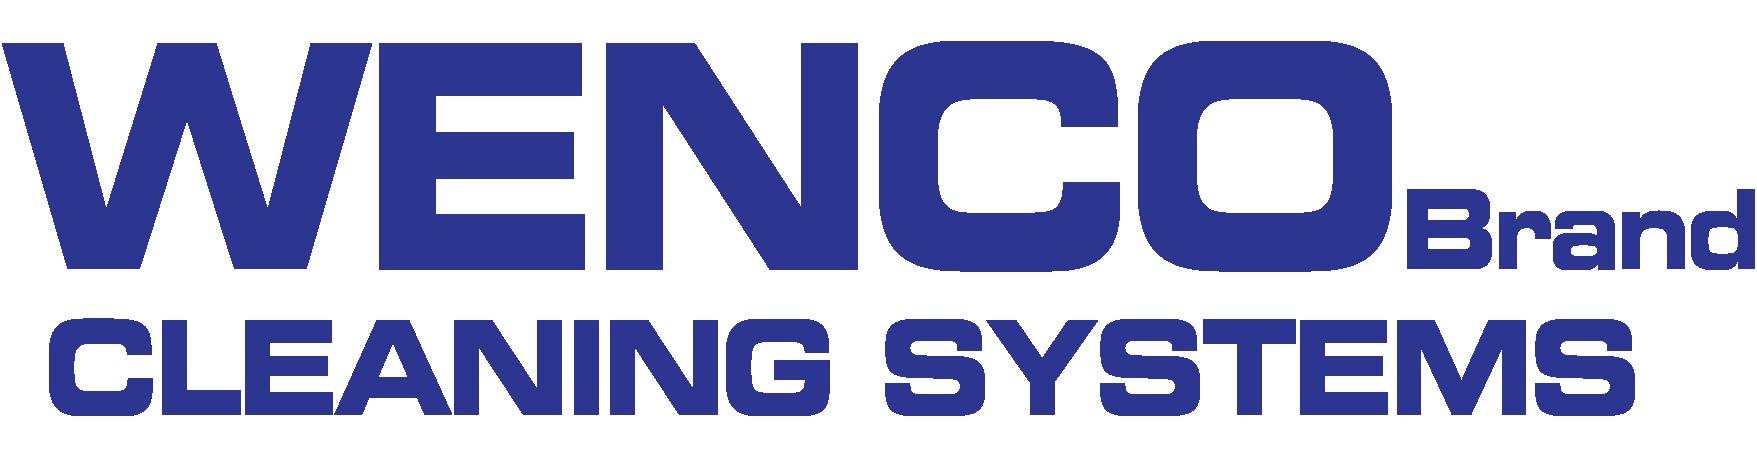 WENCO Brand